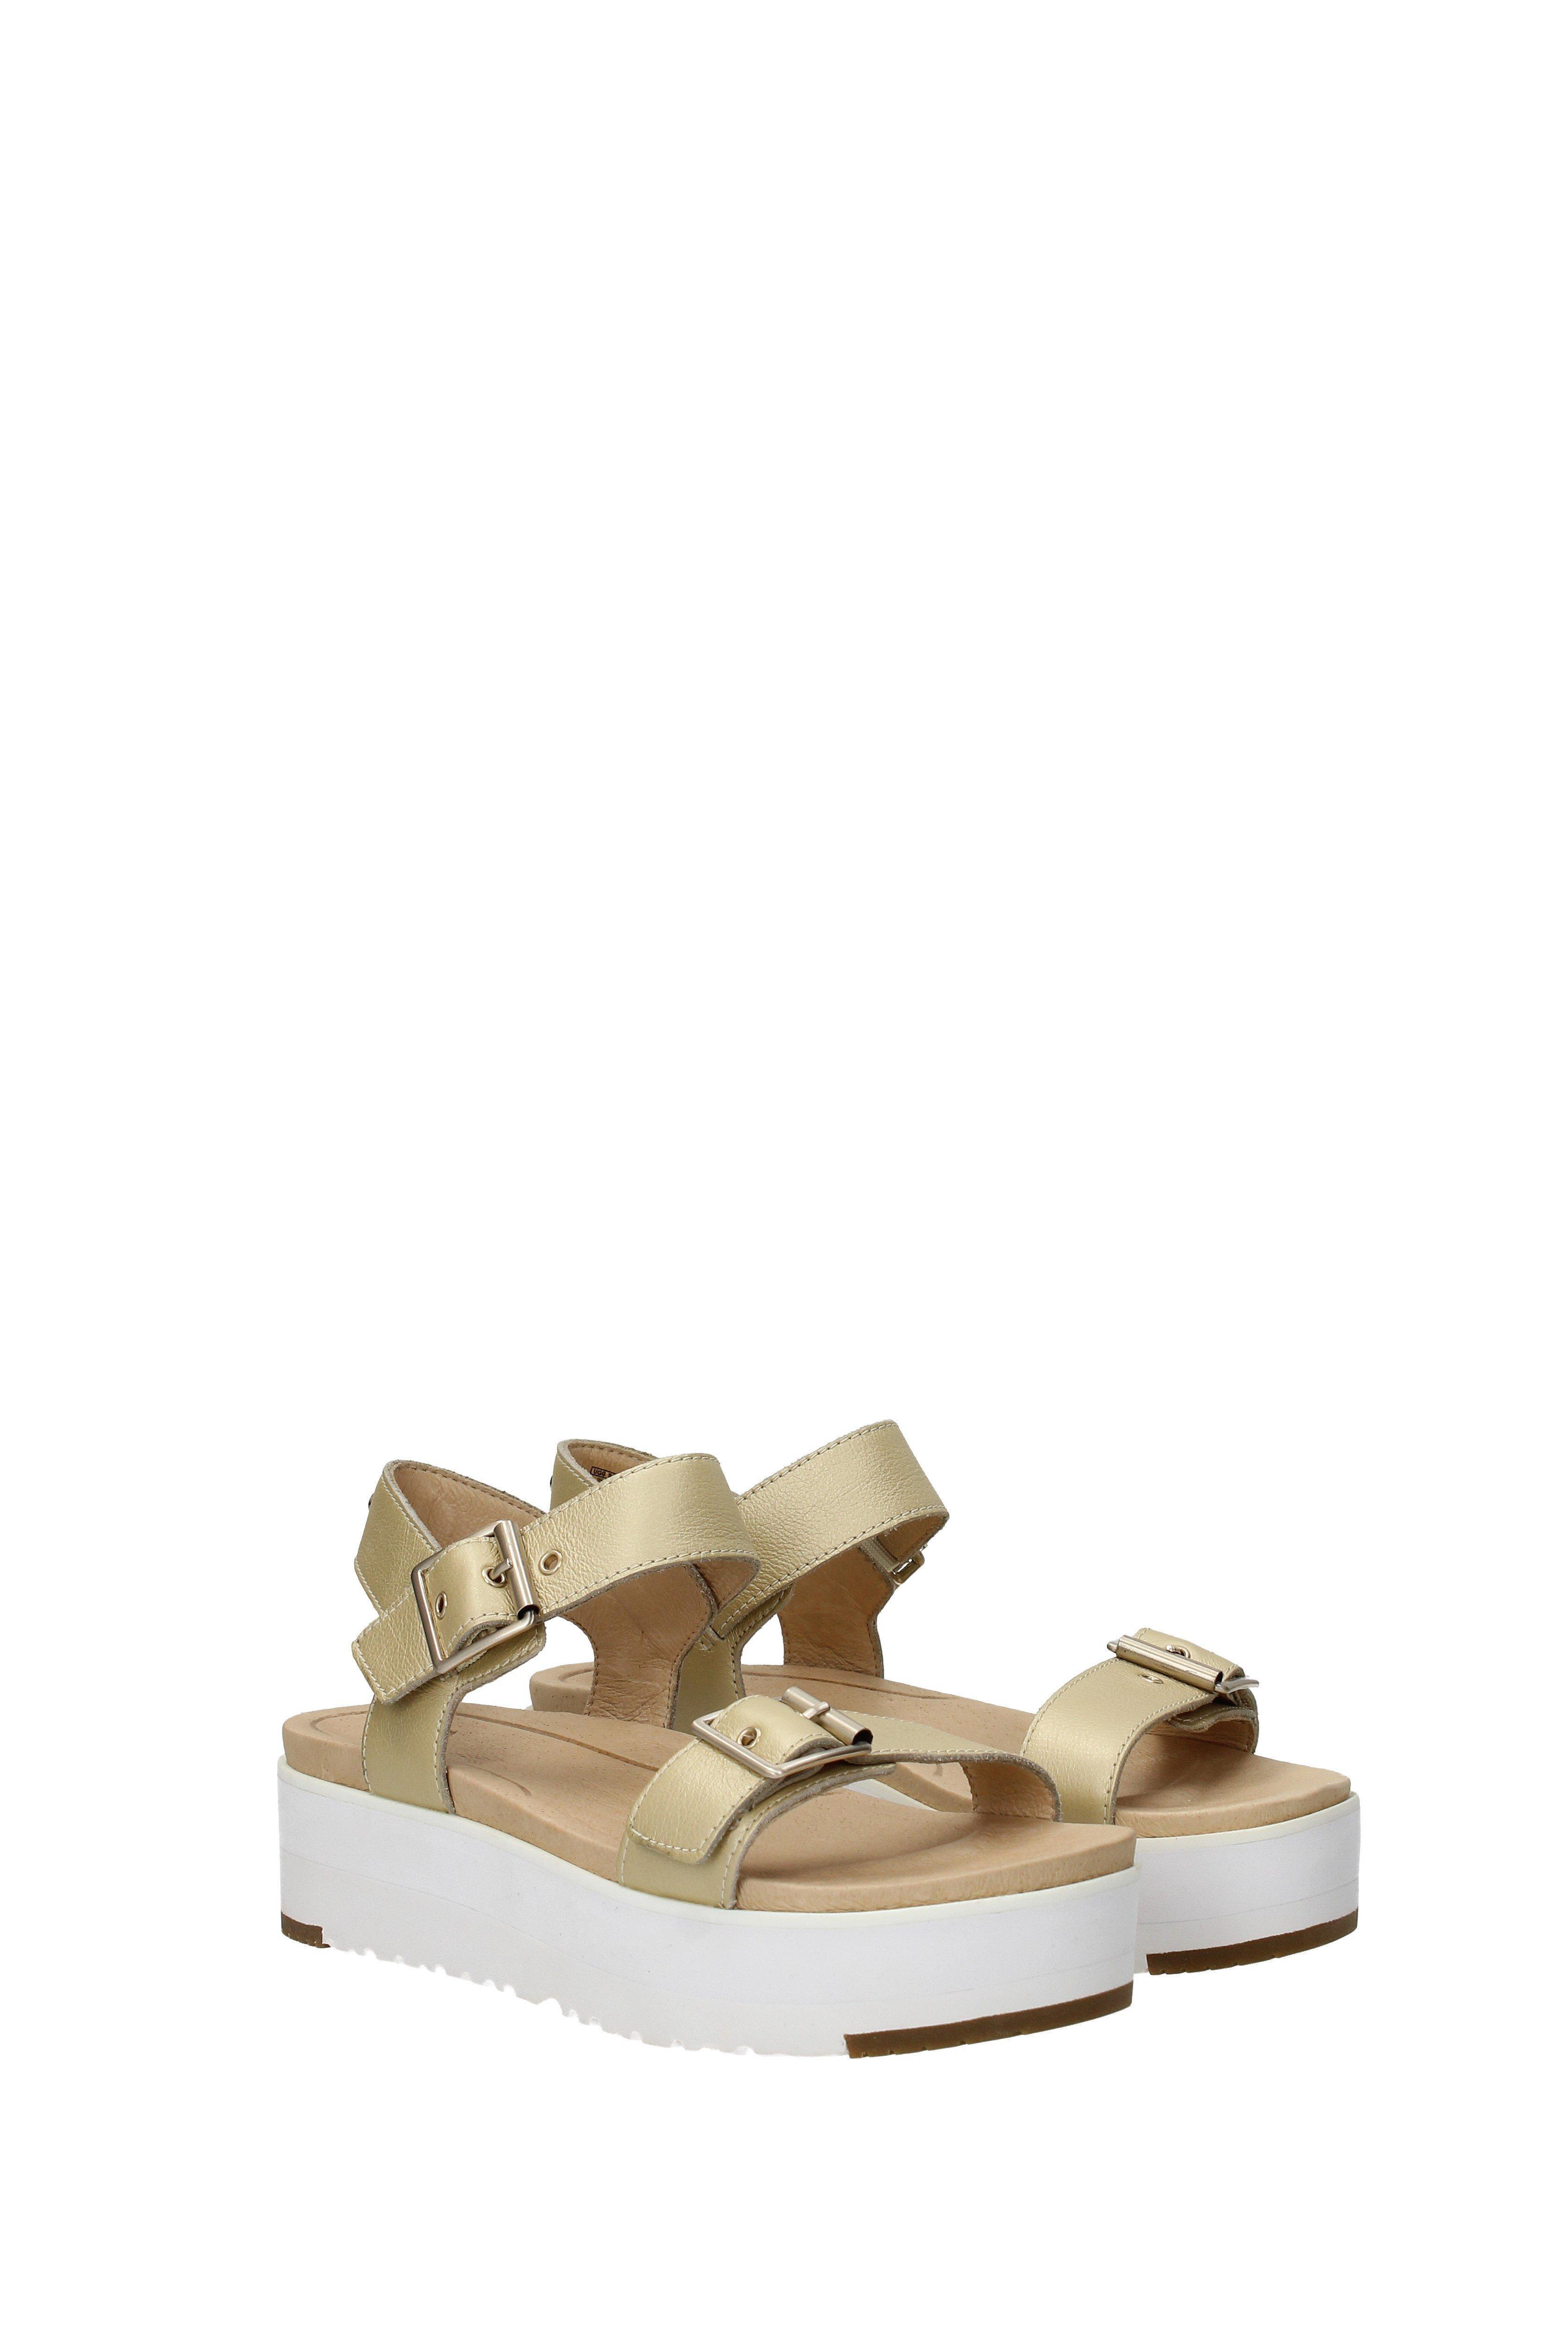 d1a81da90b8 Metallic Sandals Angie Women Gold